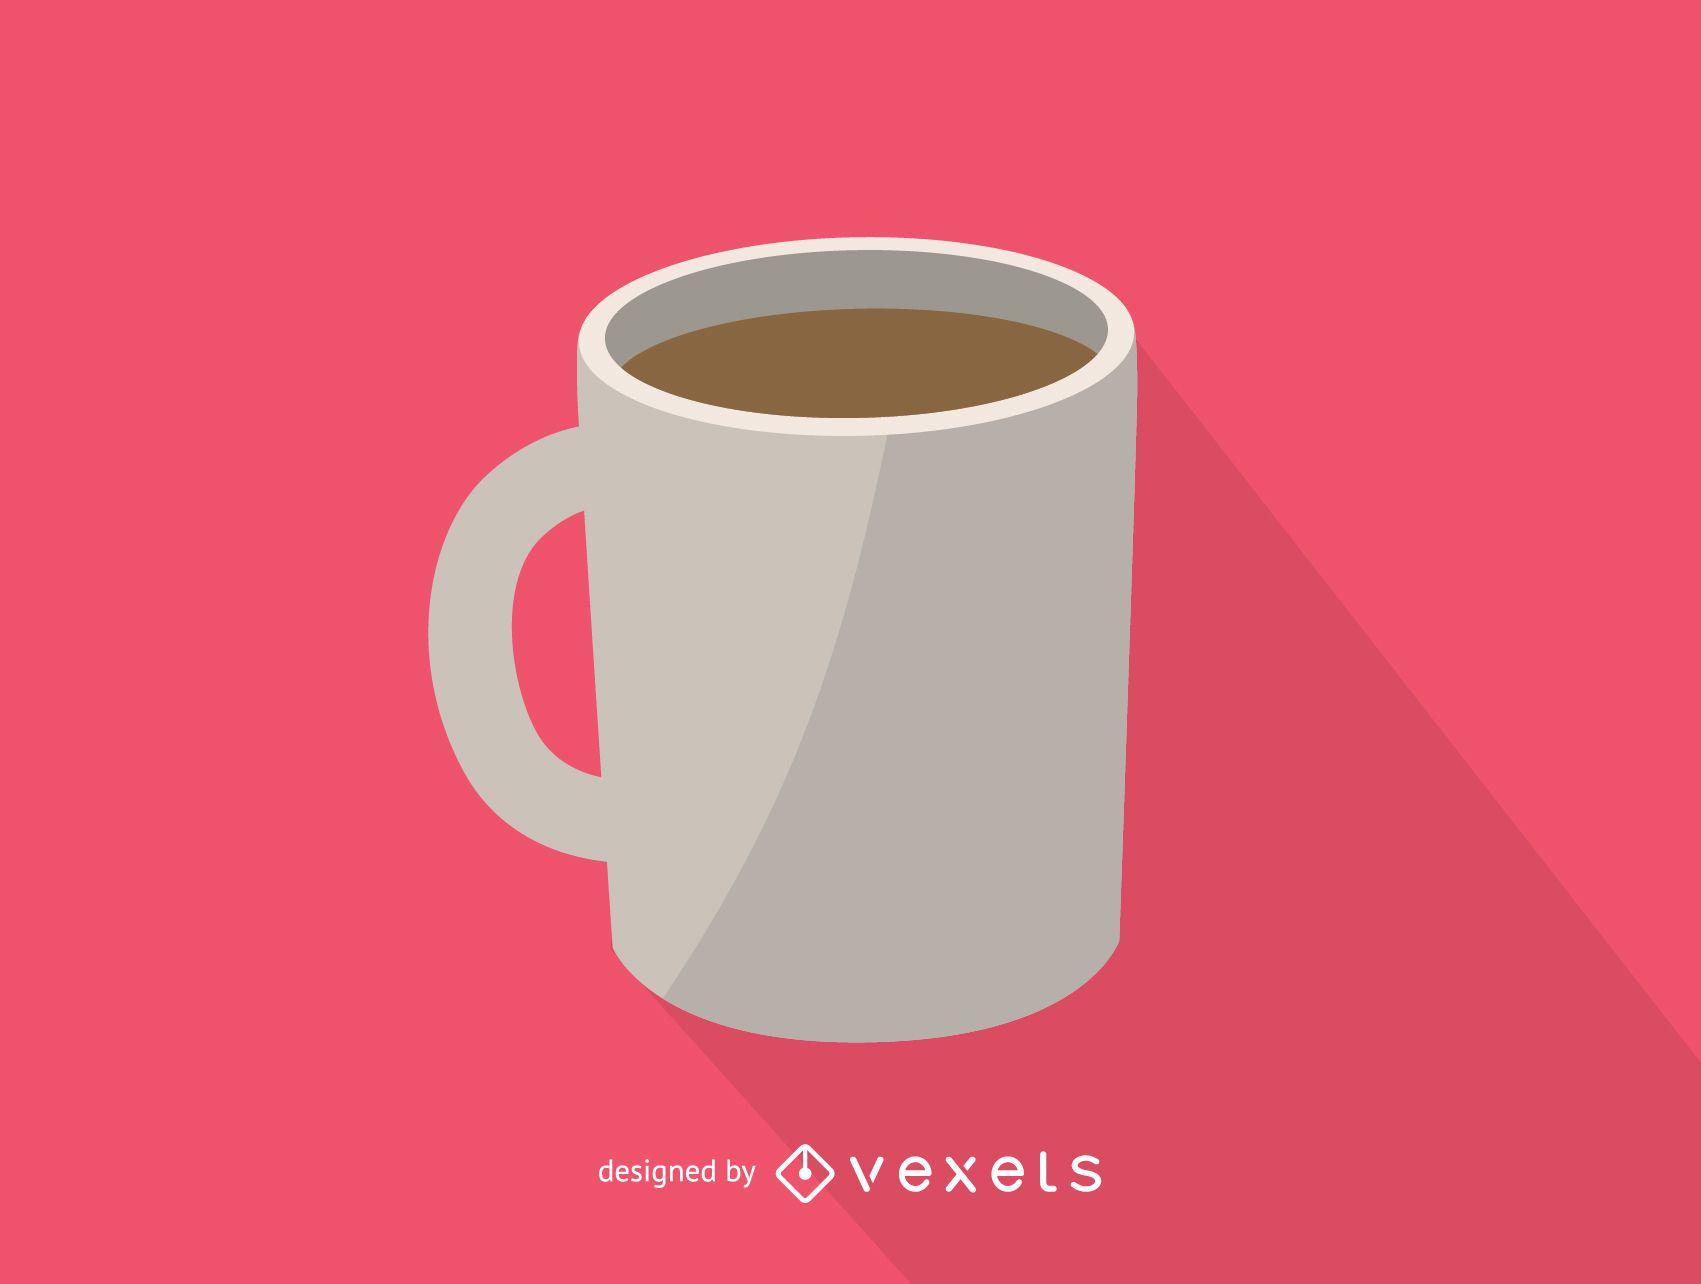 White coffee mug icon